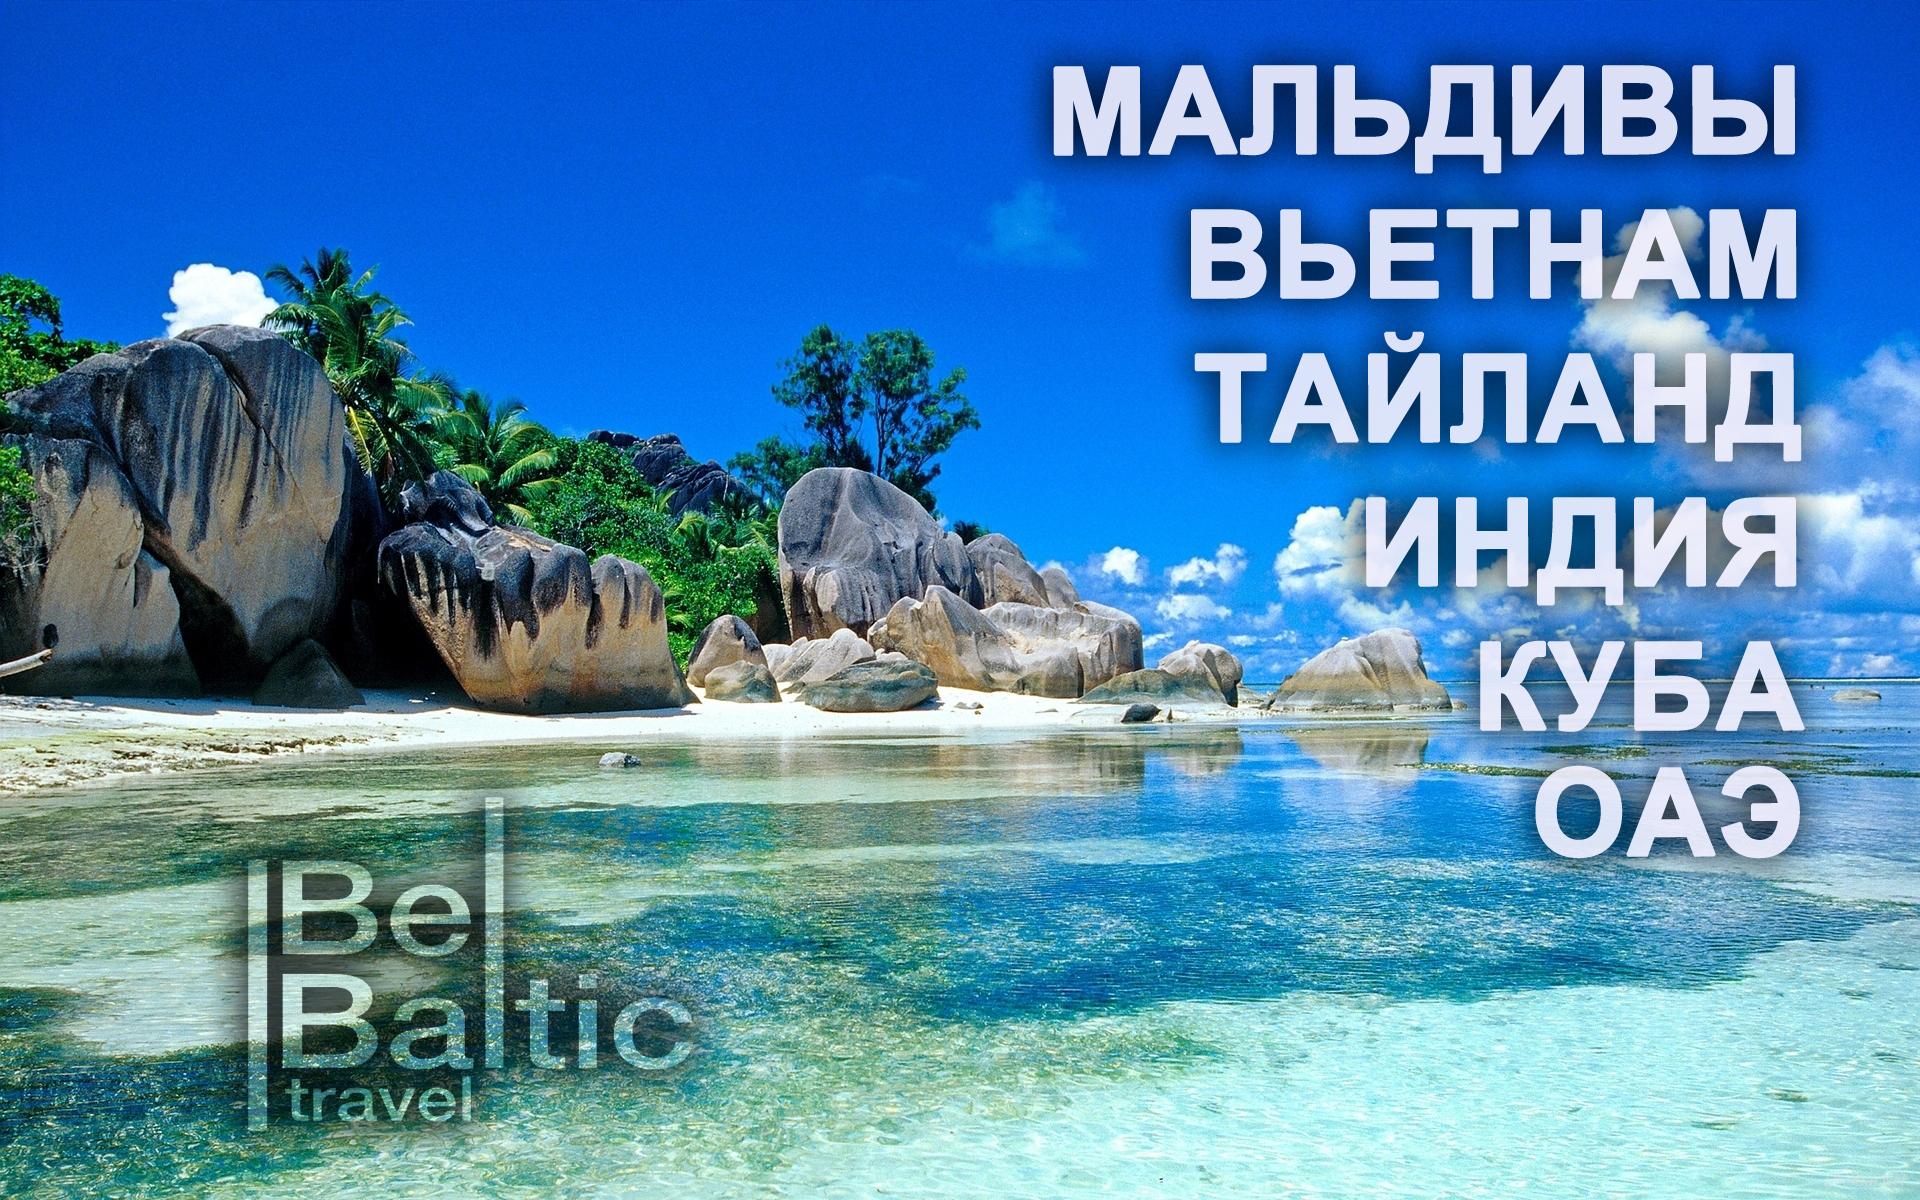 visyachie-siski-devchonok